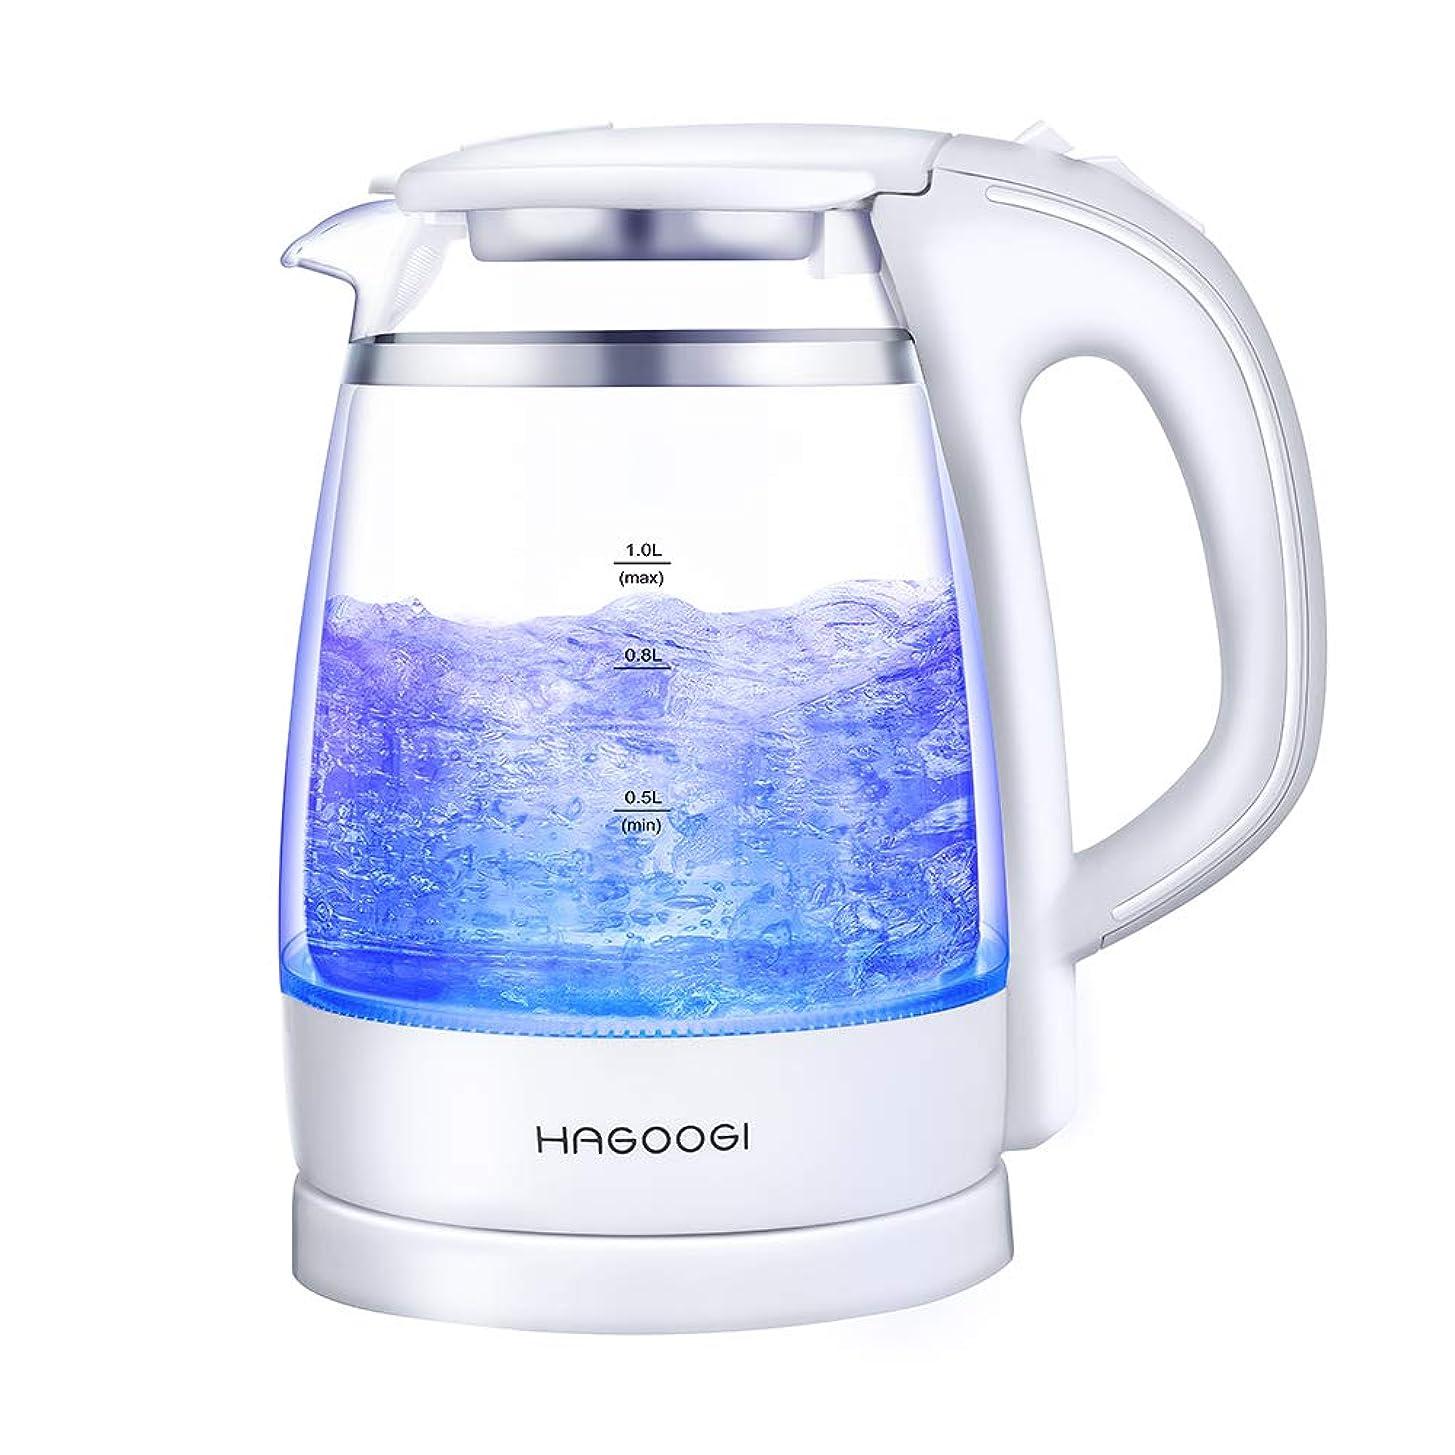 液体彼らのものバレエHAGOOGI 電気ケトル ガラス ケトル 1.0L ホワイト 二重構造 火傷防止 空焚き防止機能